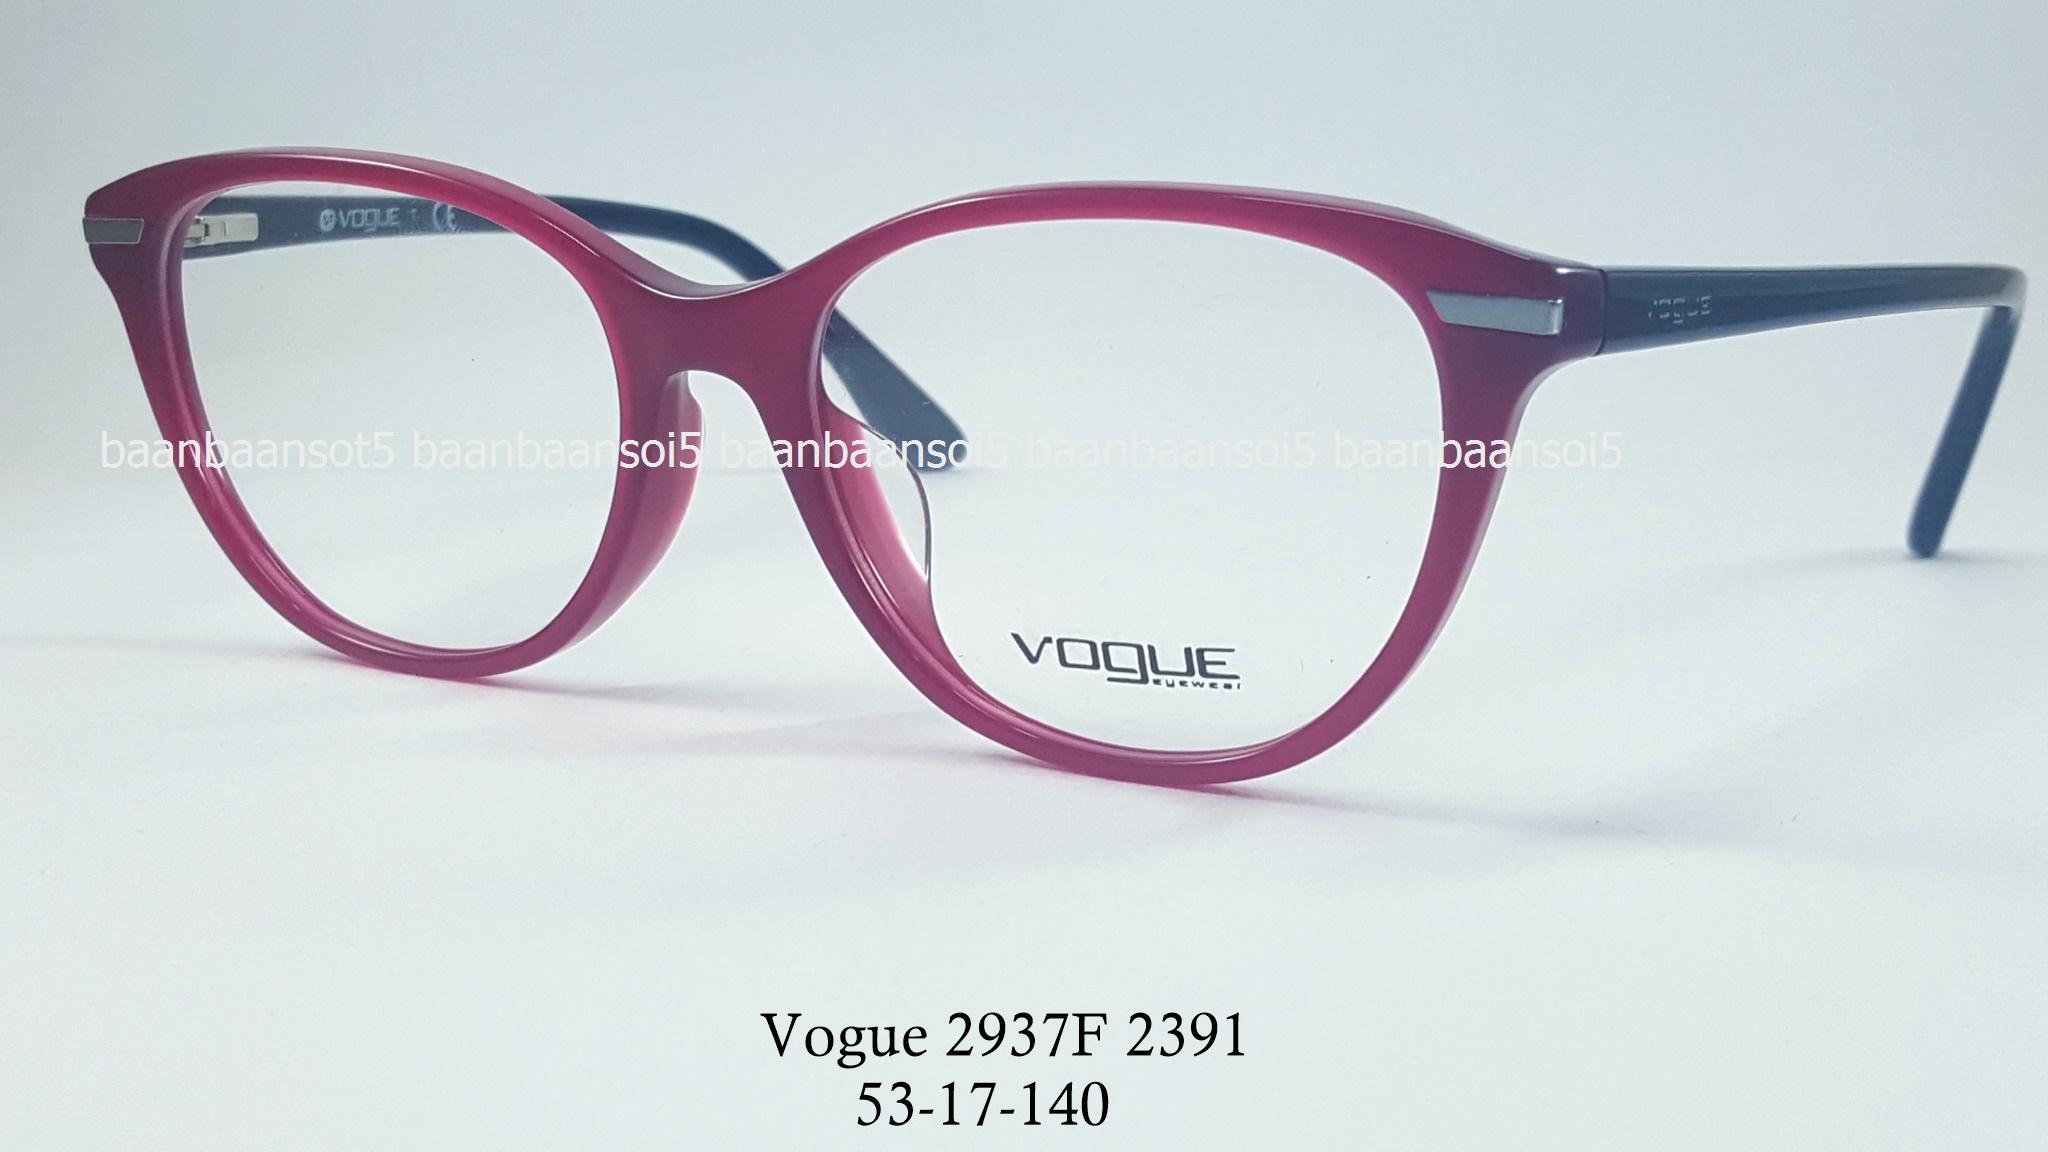 Vogue vo 2937F 2391โปรโมชั่น กรอบแว่นตาพร้อมเลนส์ HOYA ราคา 3,300 บาท